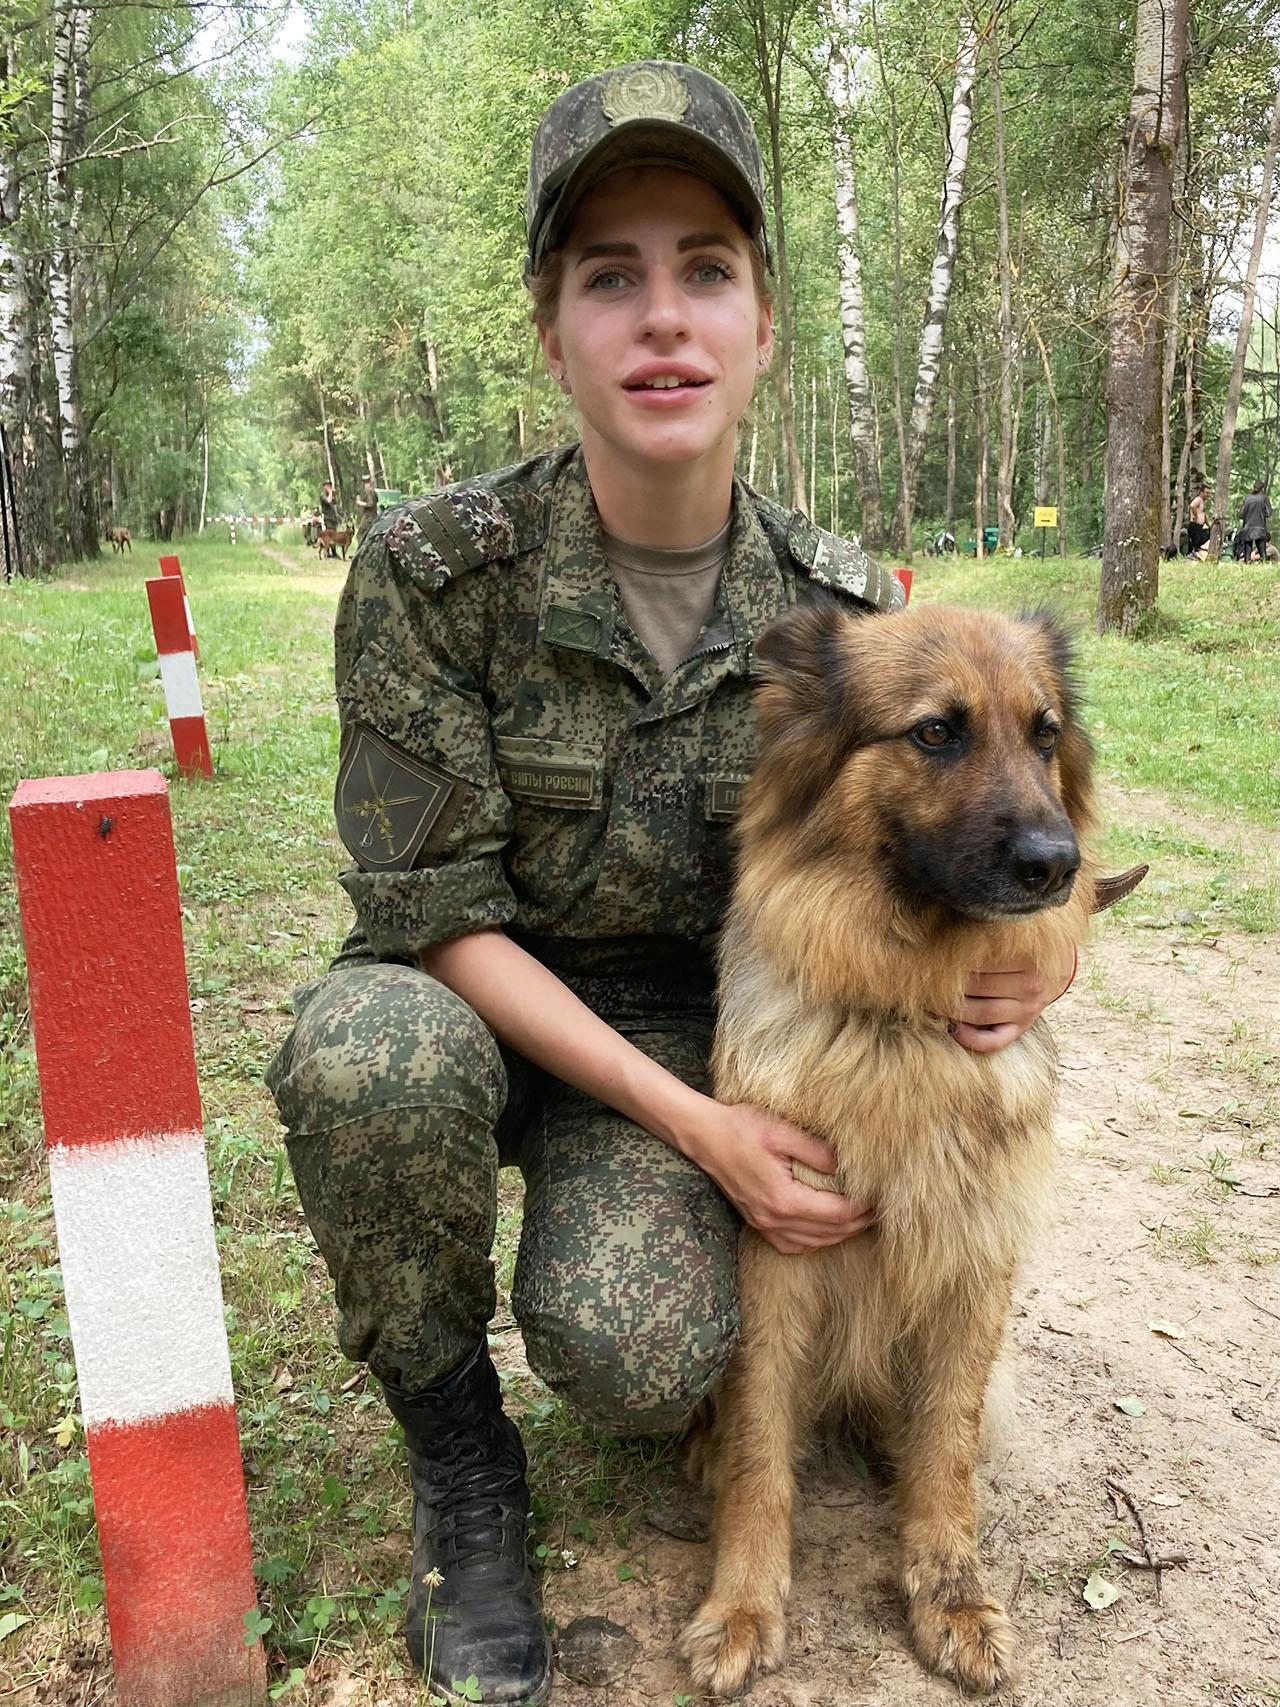 Среди военнослужащих-женщин победу одержала младший сержант Юлия Полянцева из команды Восточного военного округа.